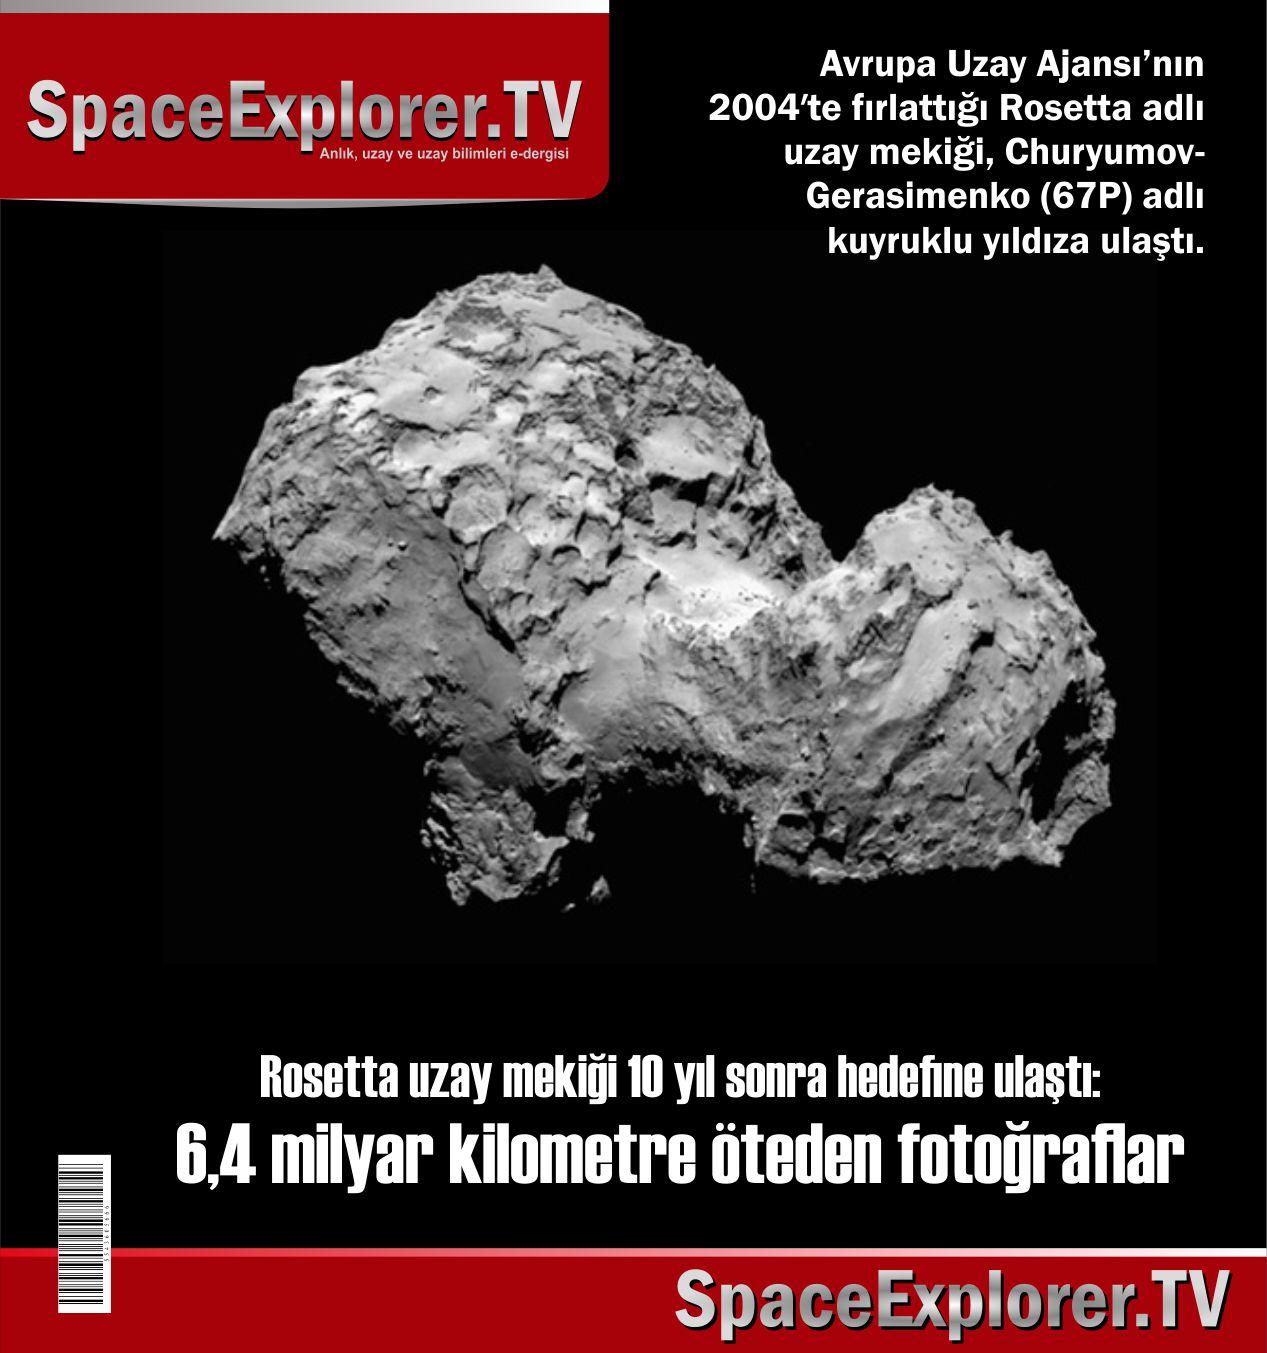 ESA, Avrupa Uzay Ajansı, Kuyruklu yıldızlar, Rosetta uzay mekiği, Space Explorer, Gök taşı madenciliği, Uzay madenciliği, Uzaydaki madenler,